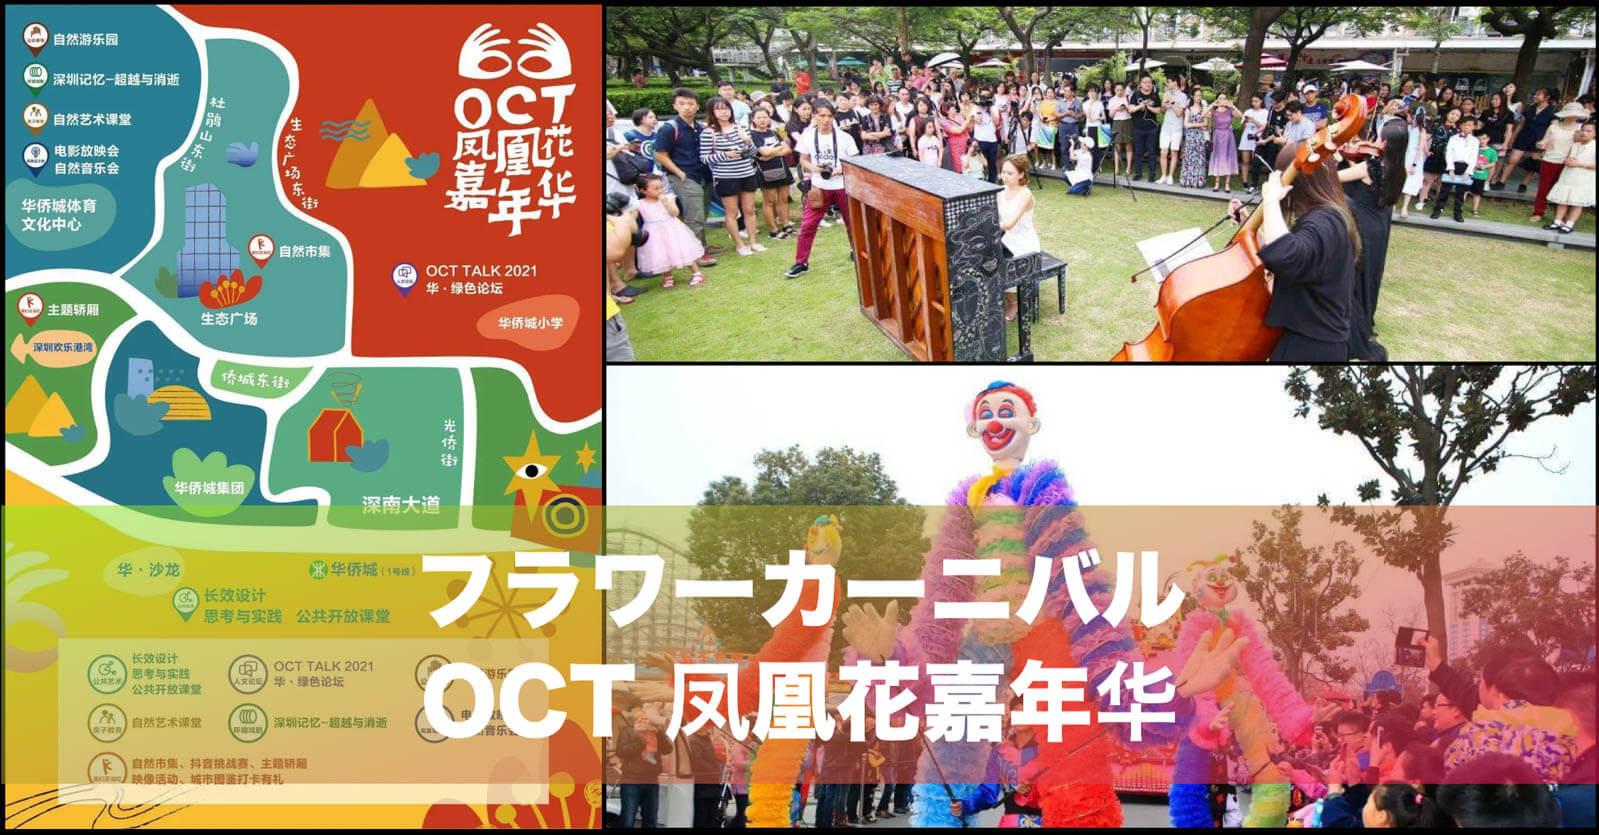 【OCT】年に一度のフラワーカーニバル開催中!(5/15-23)